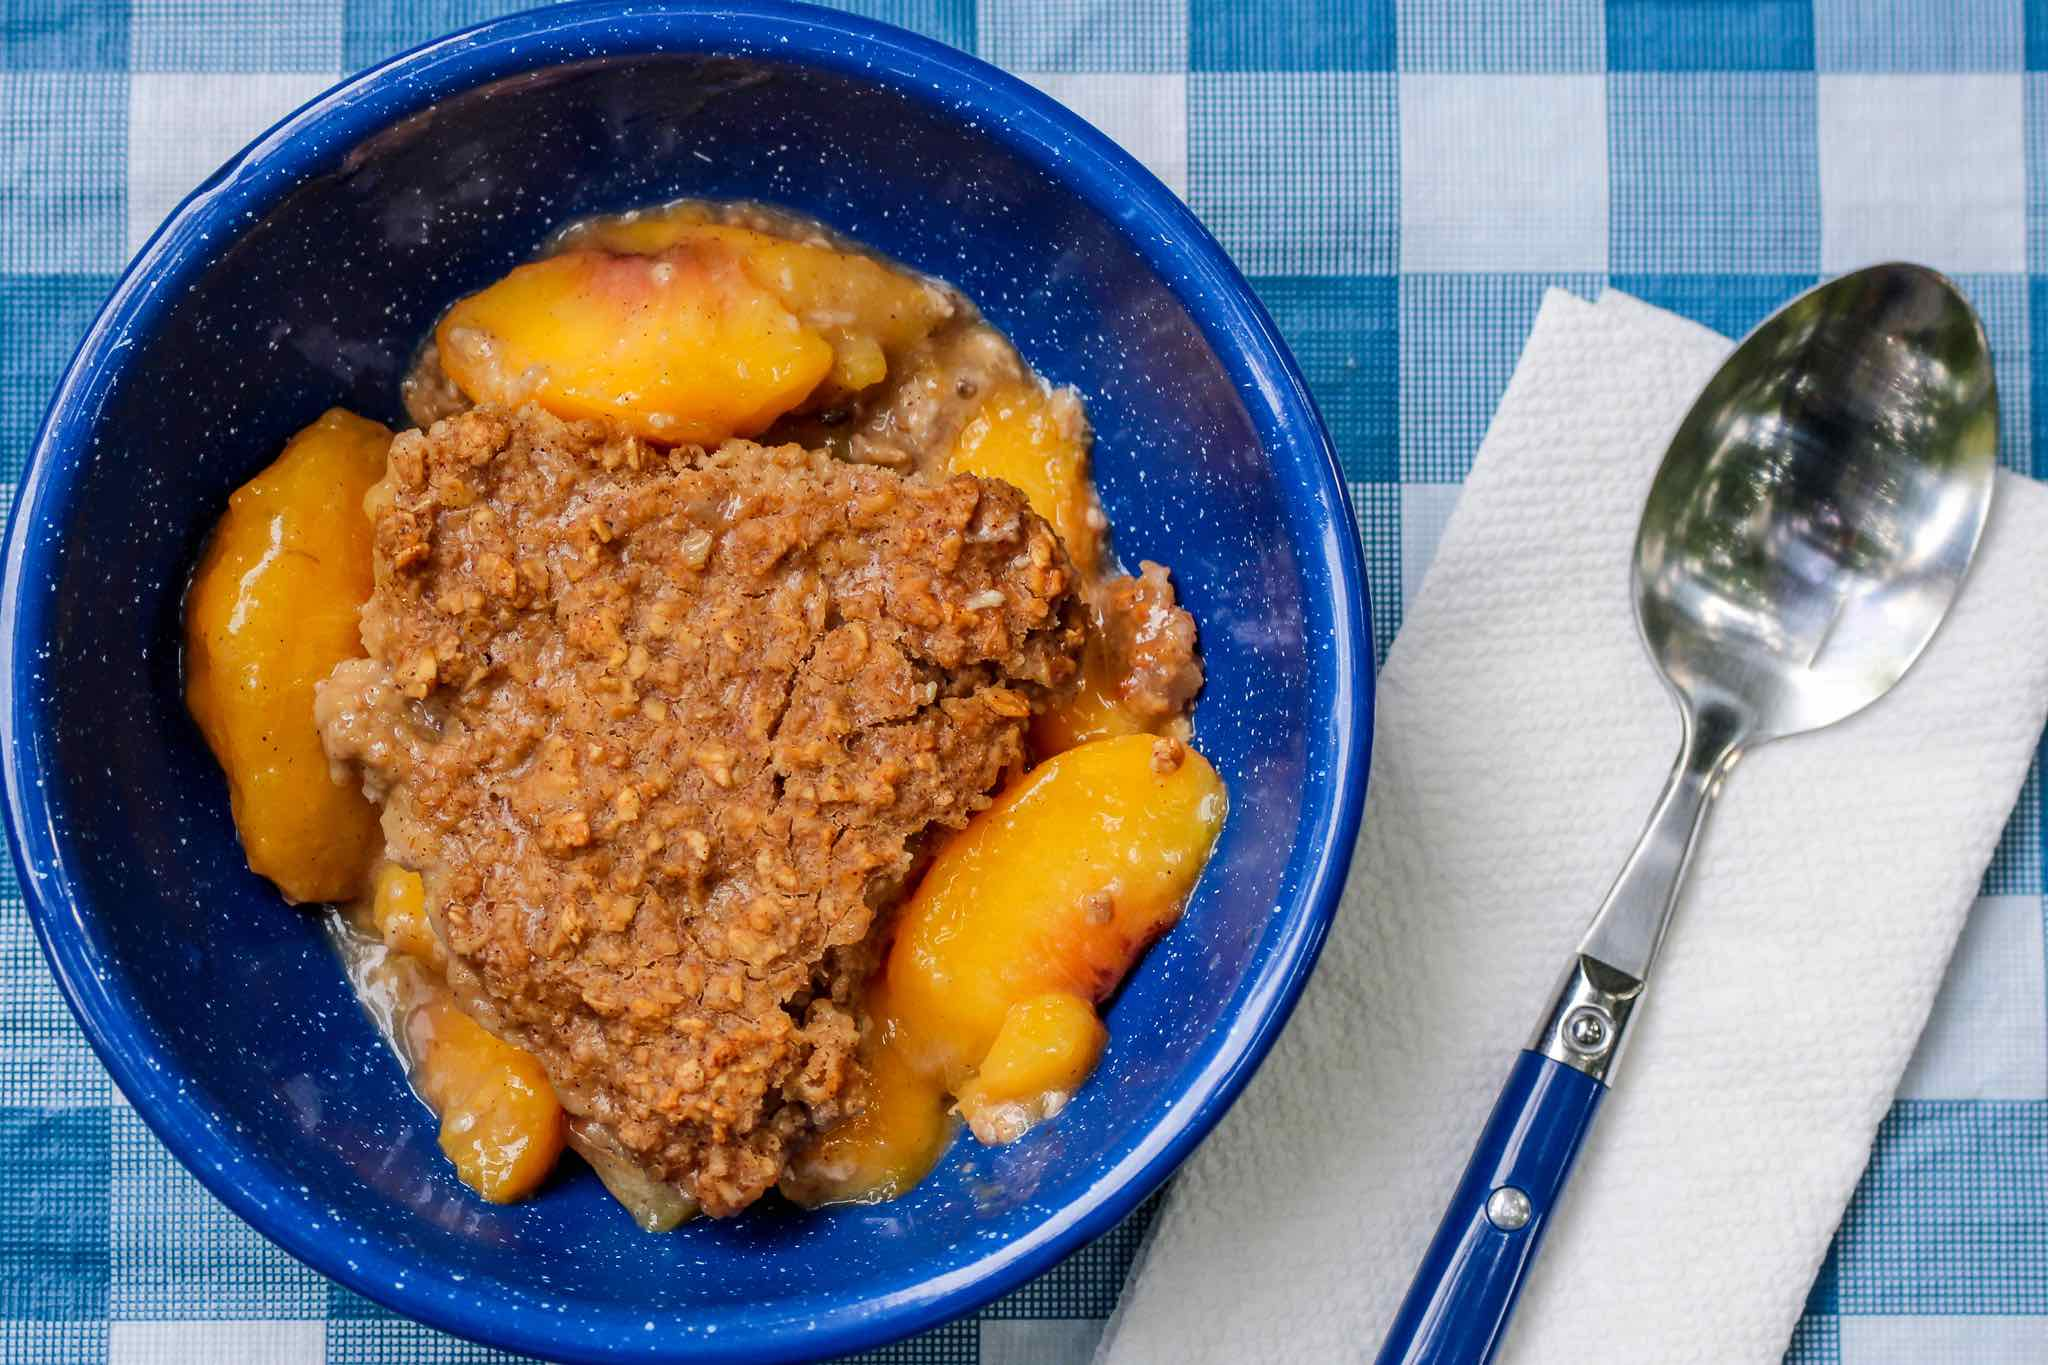 peach baked oatmeal